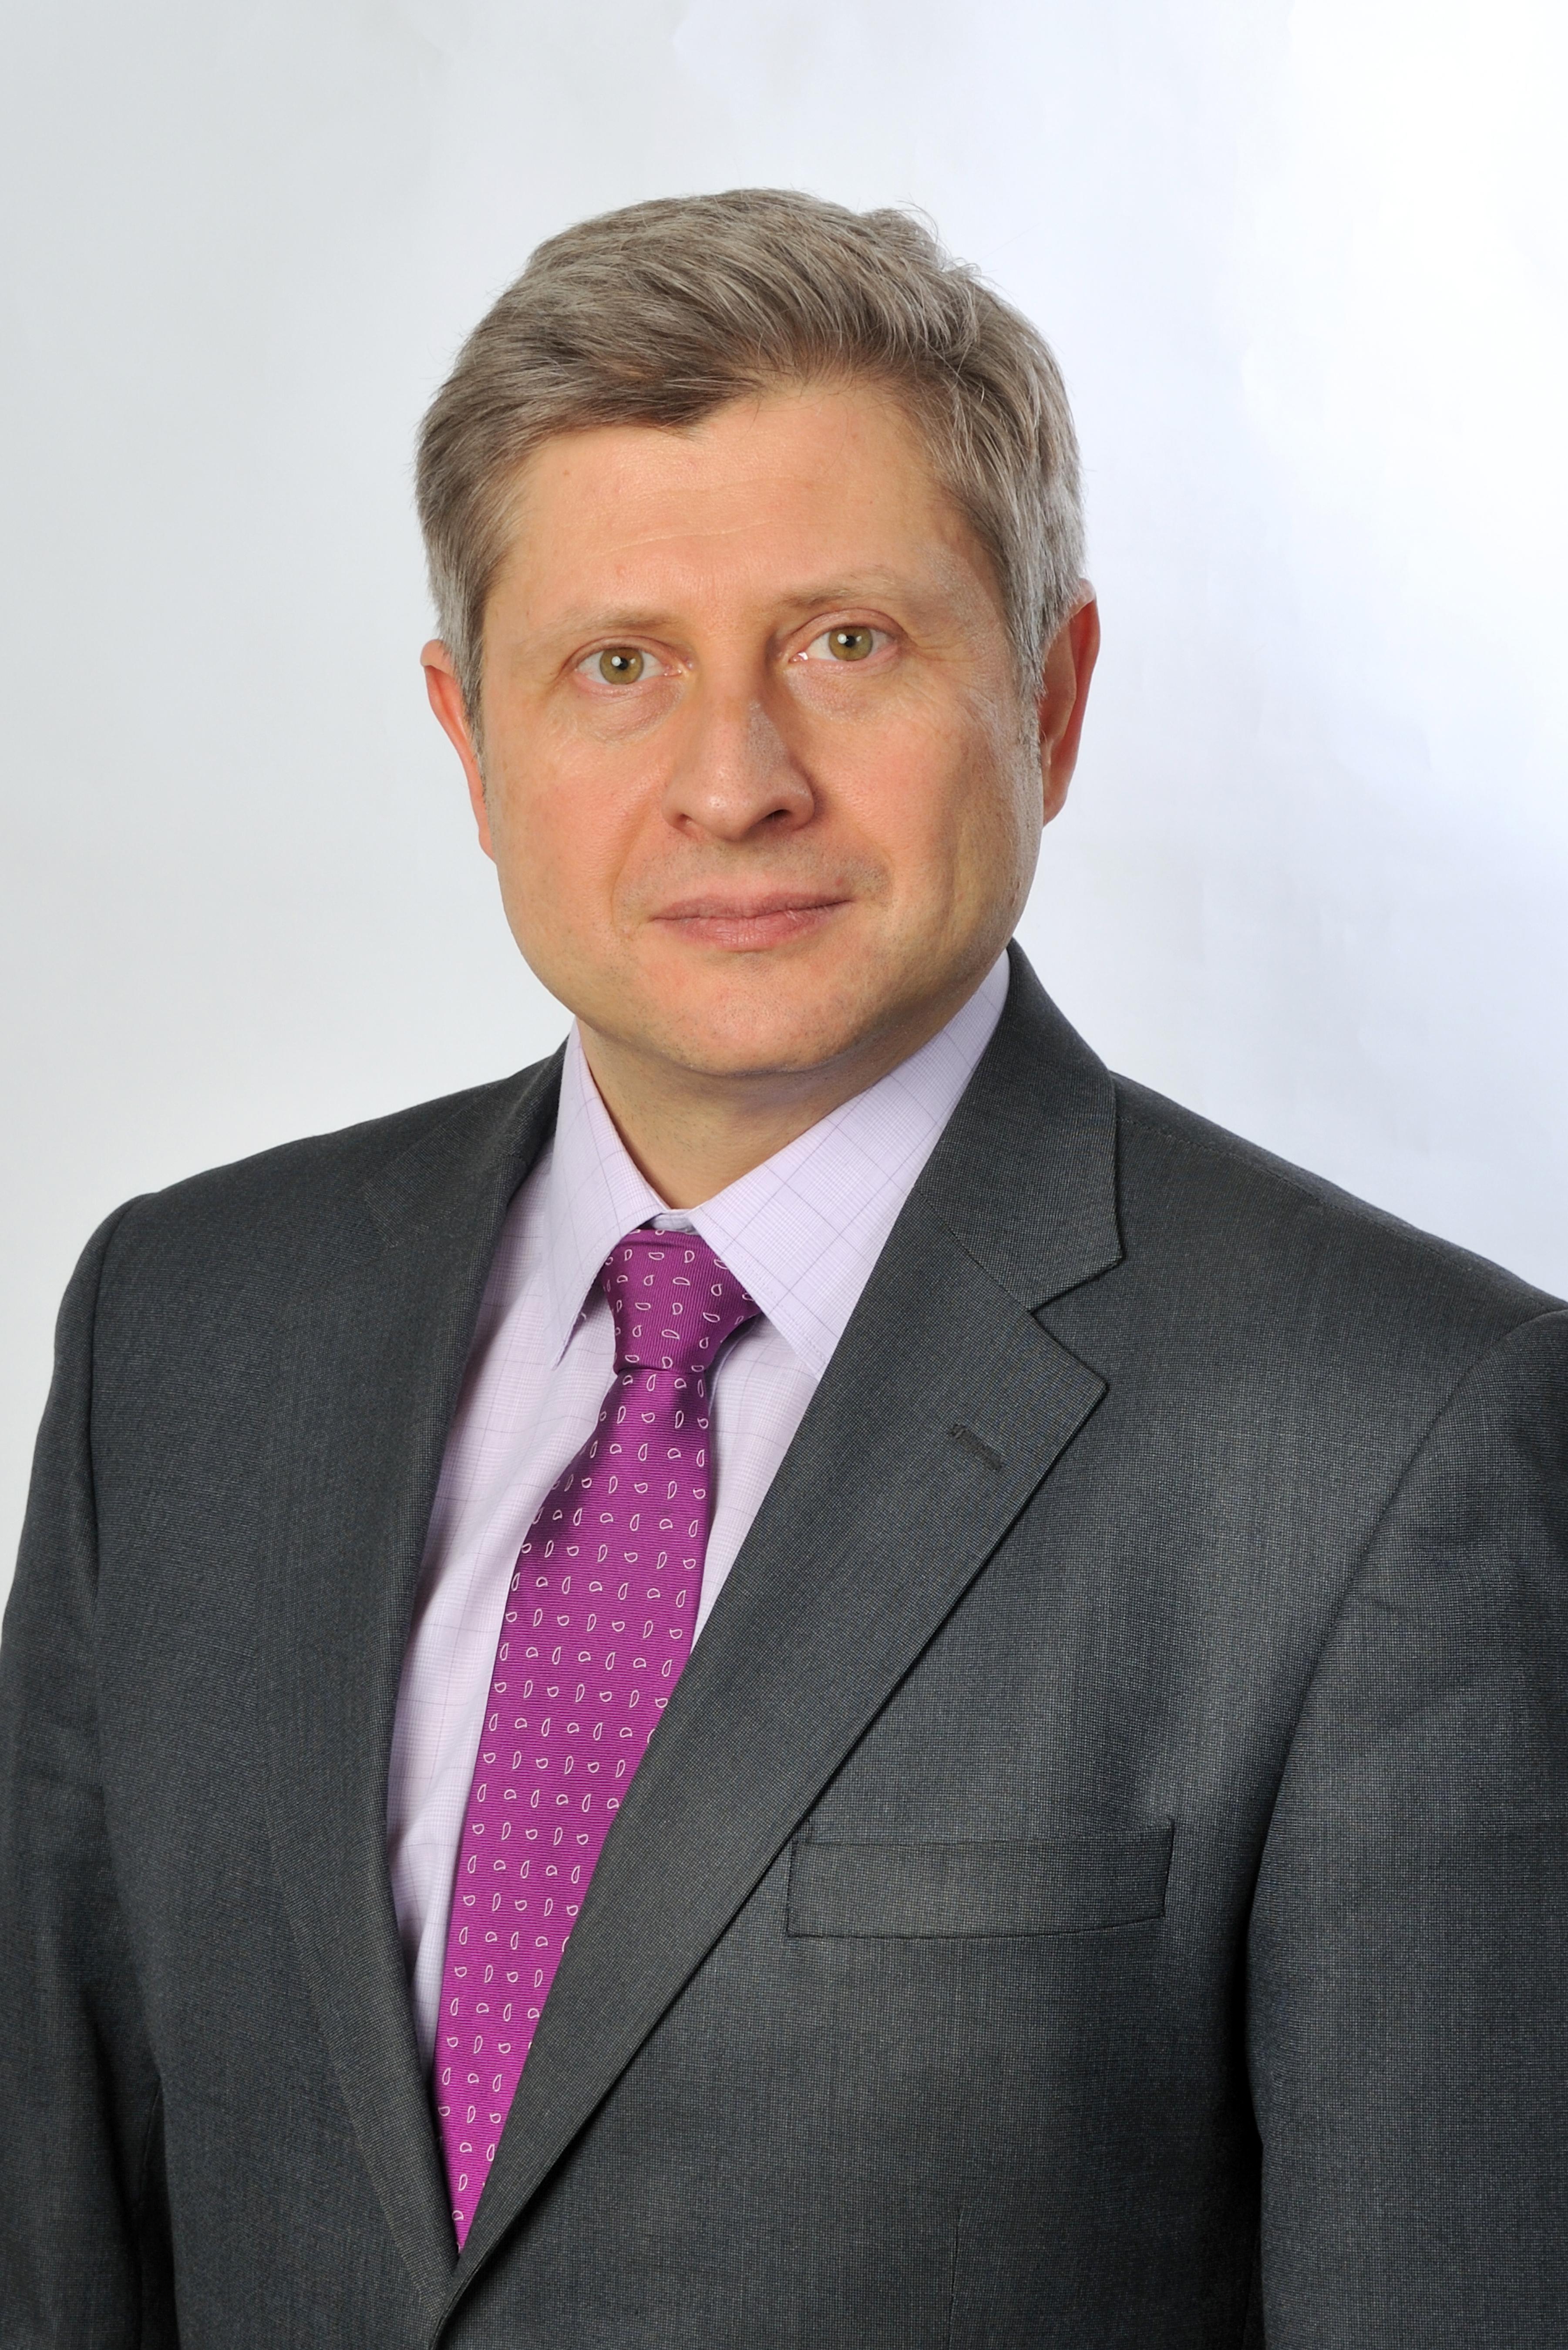 Вячеслав Коваль, и.о. председателя правления Пиреус Банка в Украине: